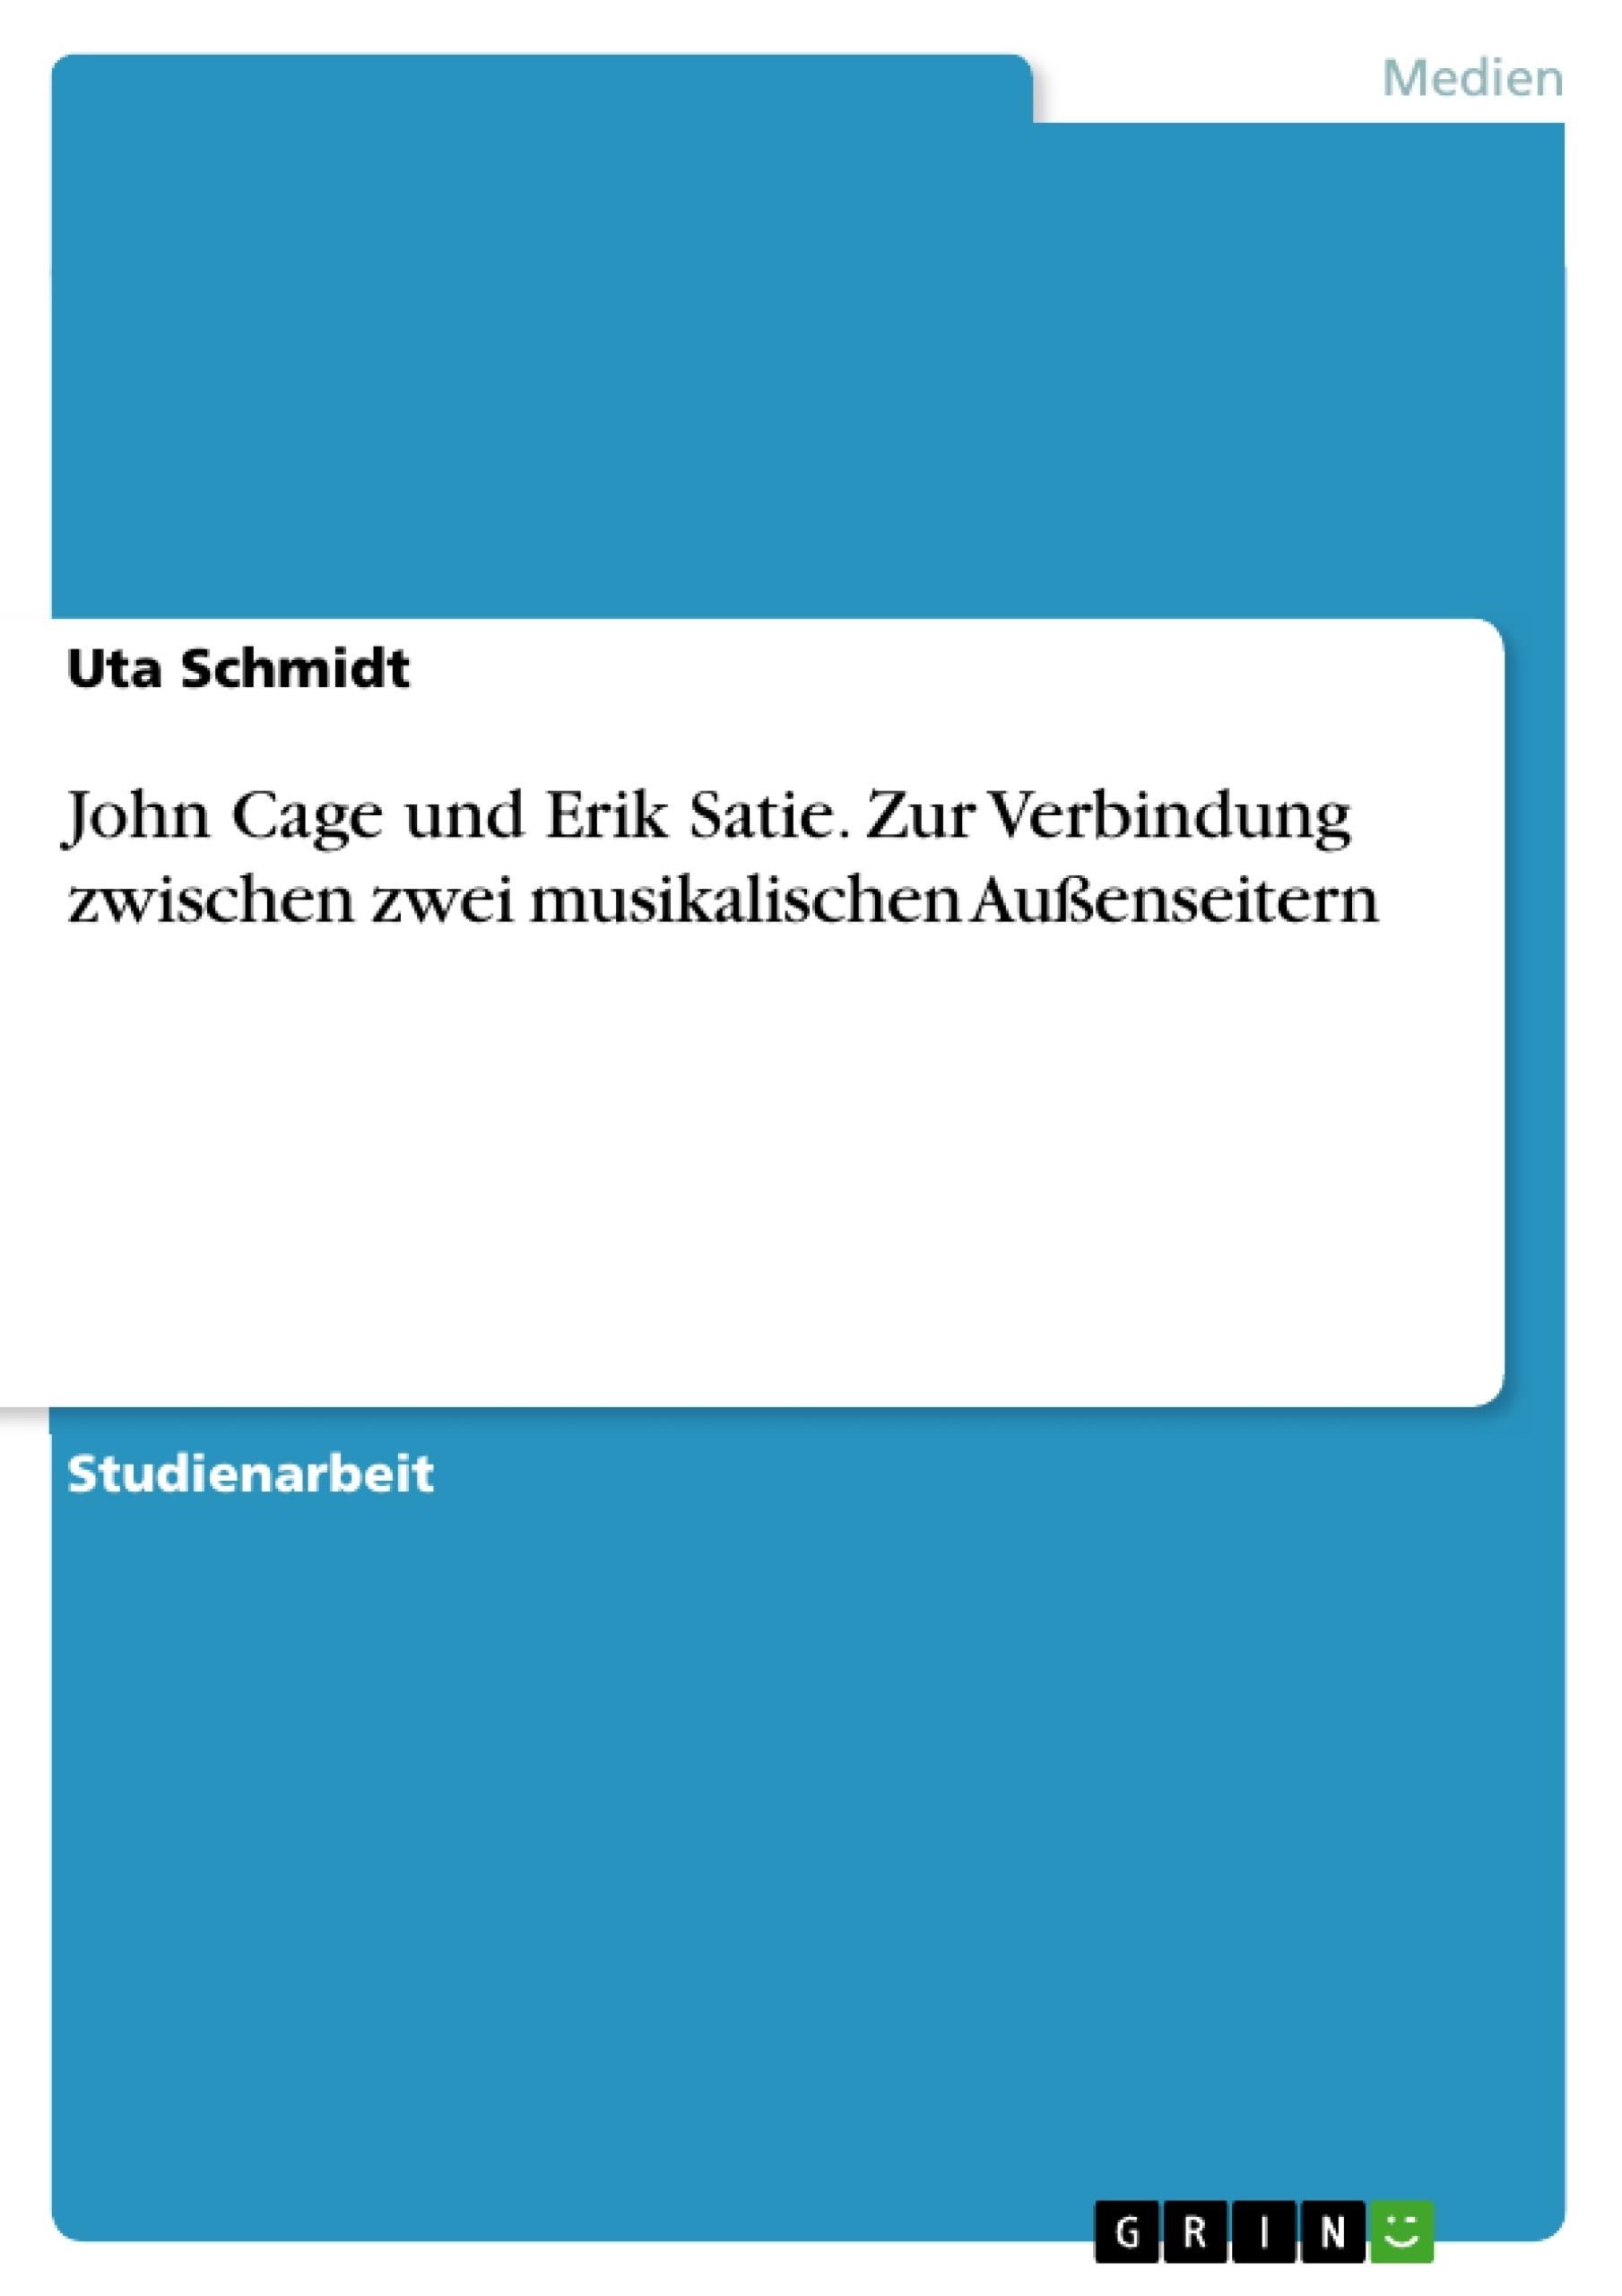 Titel: John Cage und Erik Satie. Zur Verbindung zwischen zwei musikalischen Außenseitern